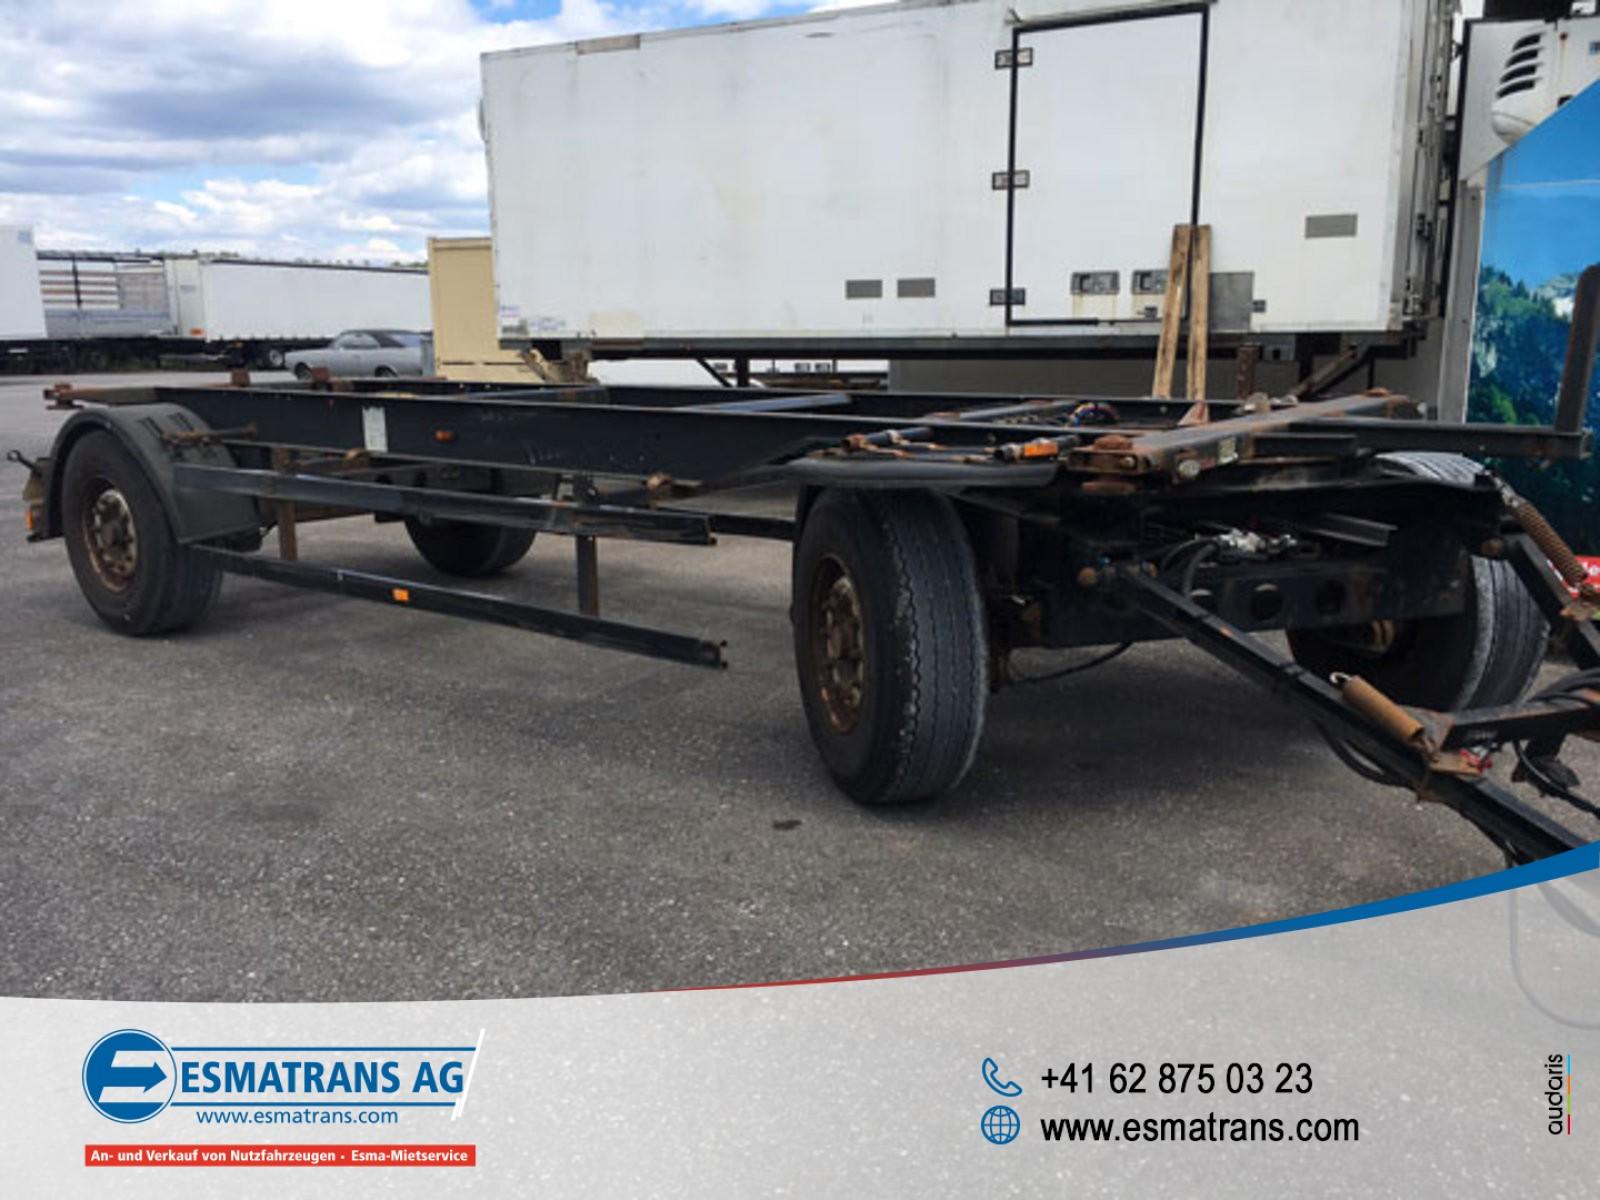 FRAN6306_882779 vehicle image